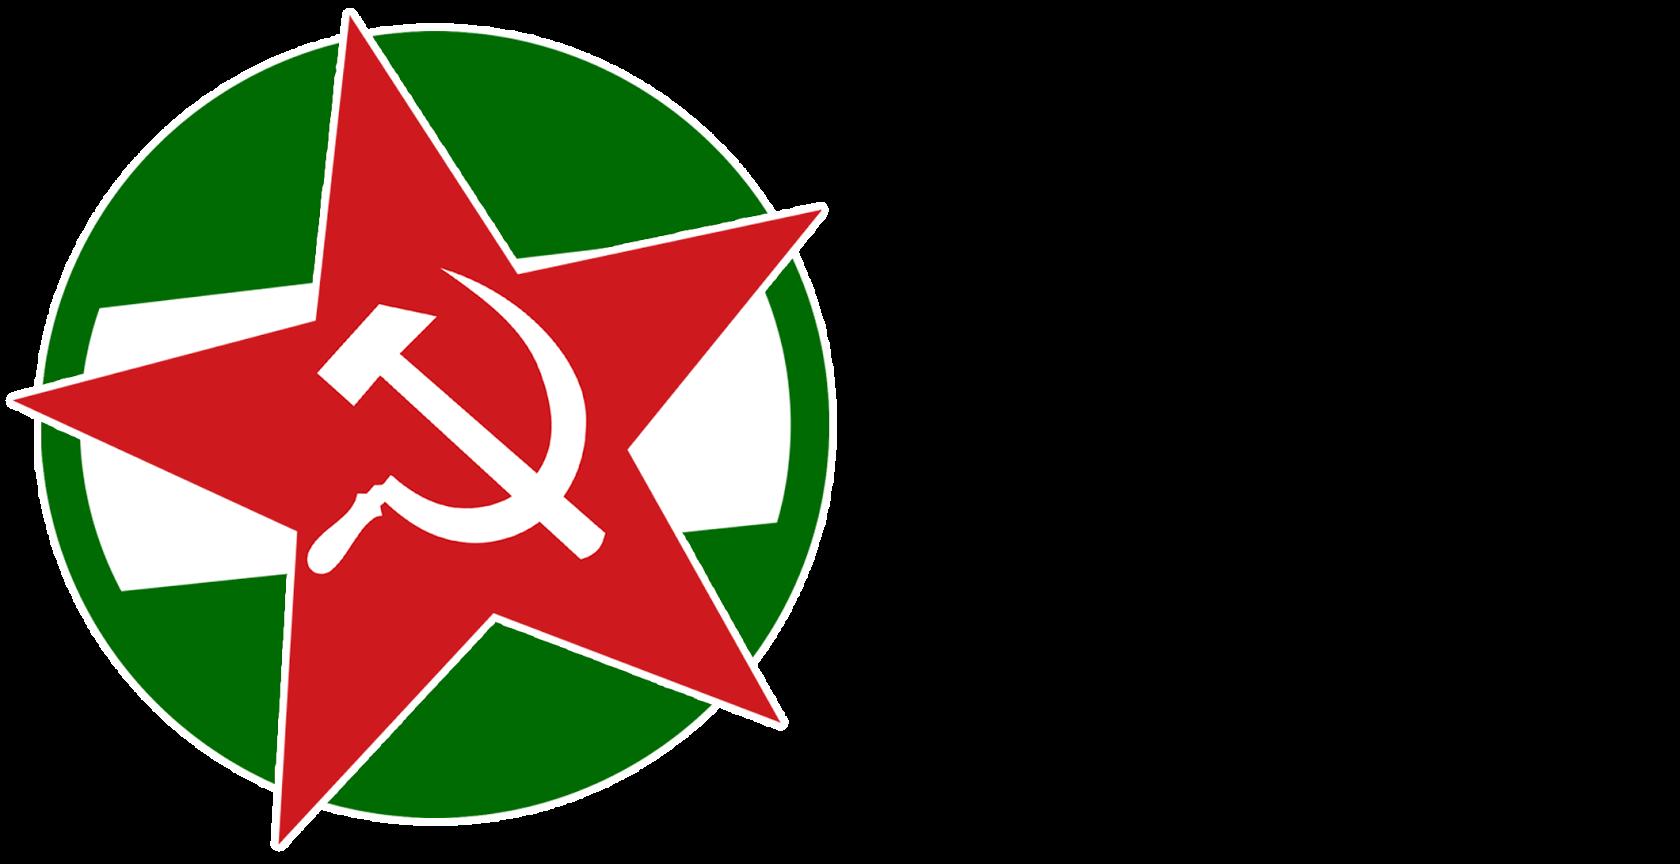 ANDALUCIA COMUNISTA